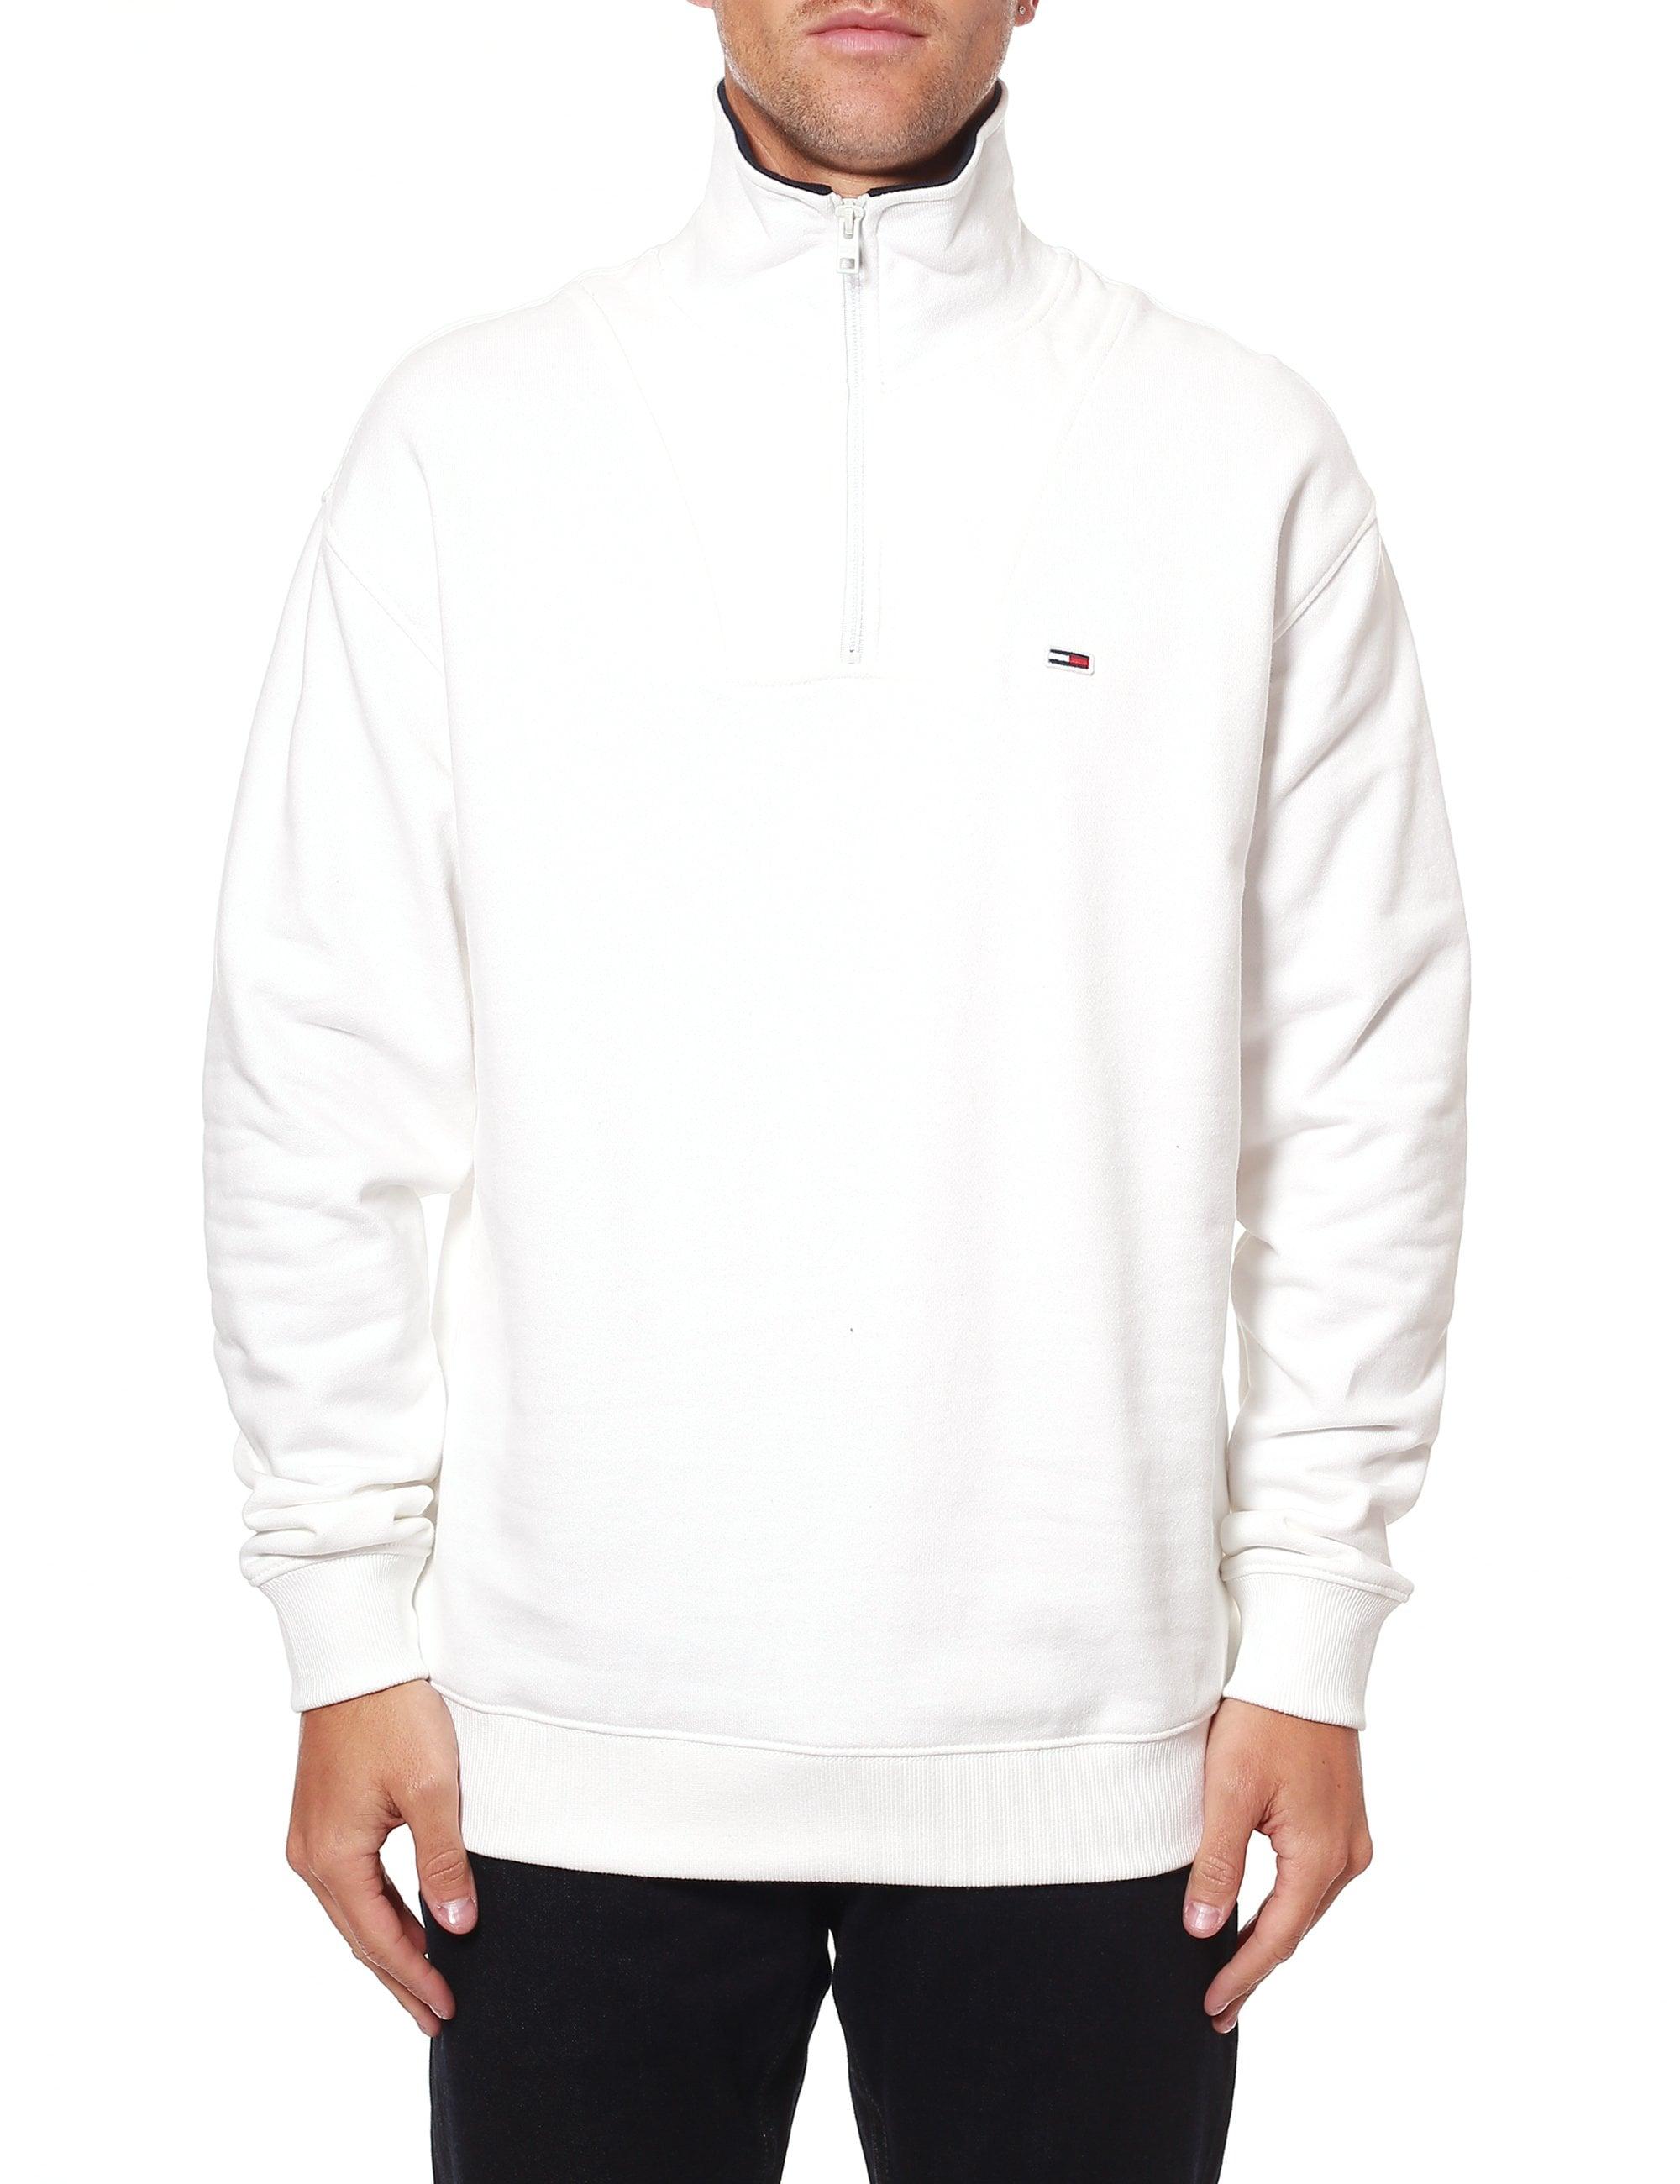 Tommy Jeans Mens TJM Zip Mock Neck Sweatshirt